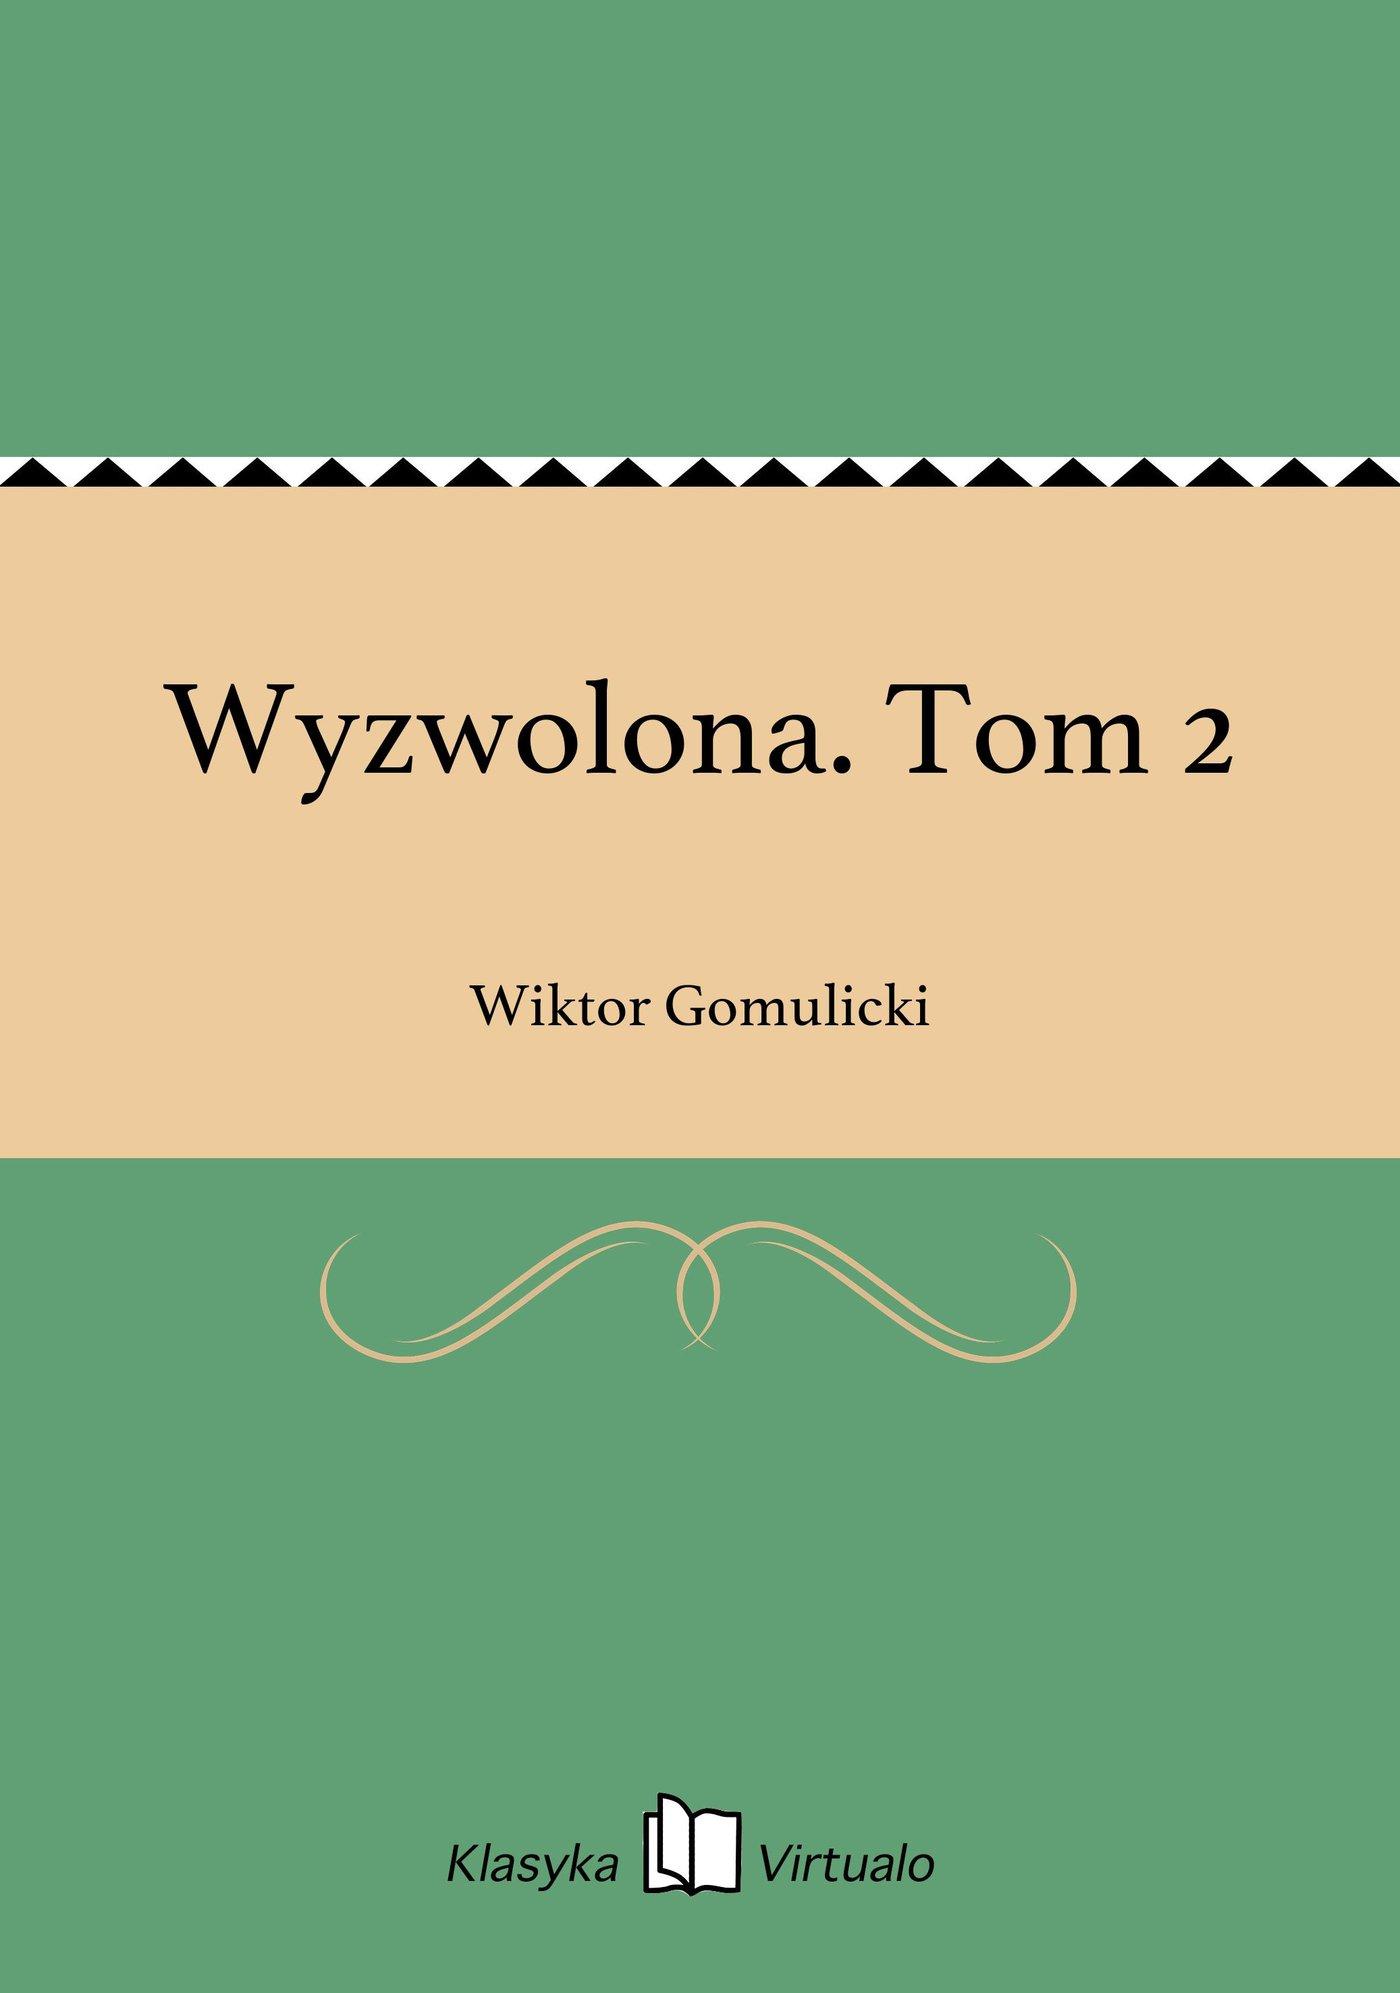 Wyzwolona. Tom 2 - Ebook (Książka na Kindle) do pobrania w formacie MOBI